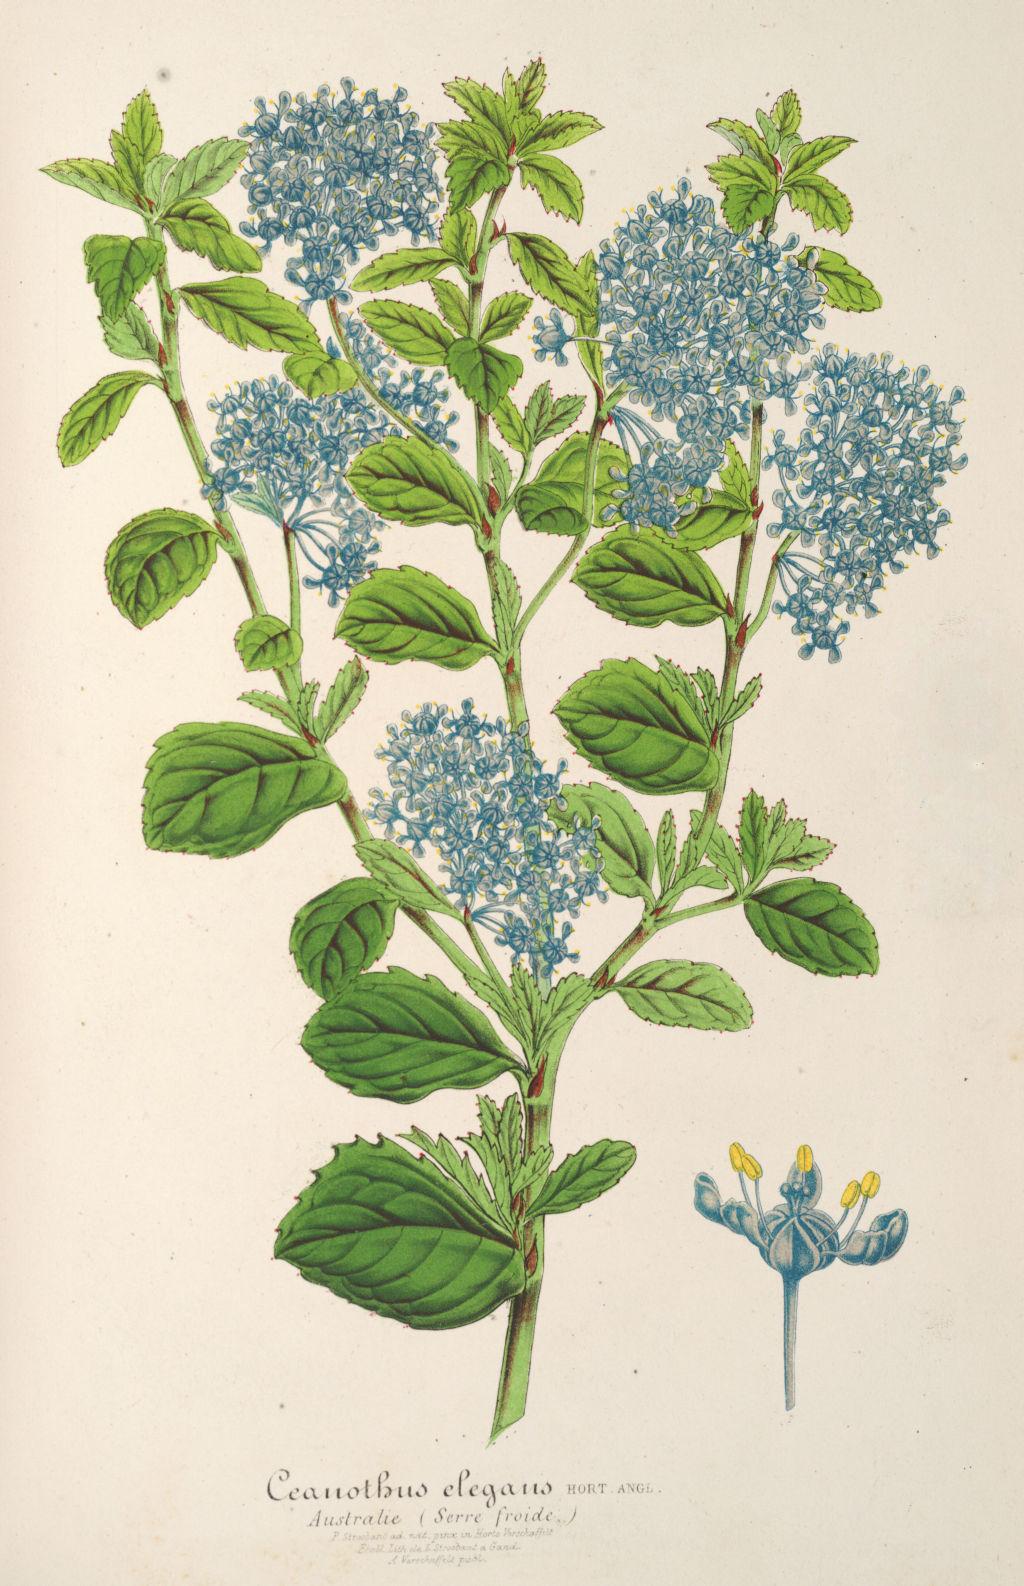 Gravures fleurs plantes ornement gravures fleurs et plantes ornement 7245 ceanothus elegans for Fleurs et plantes